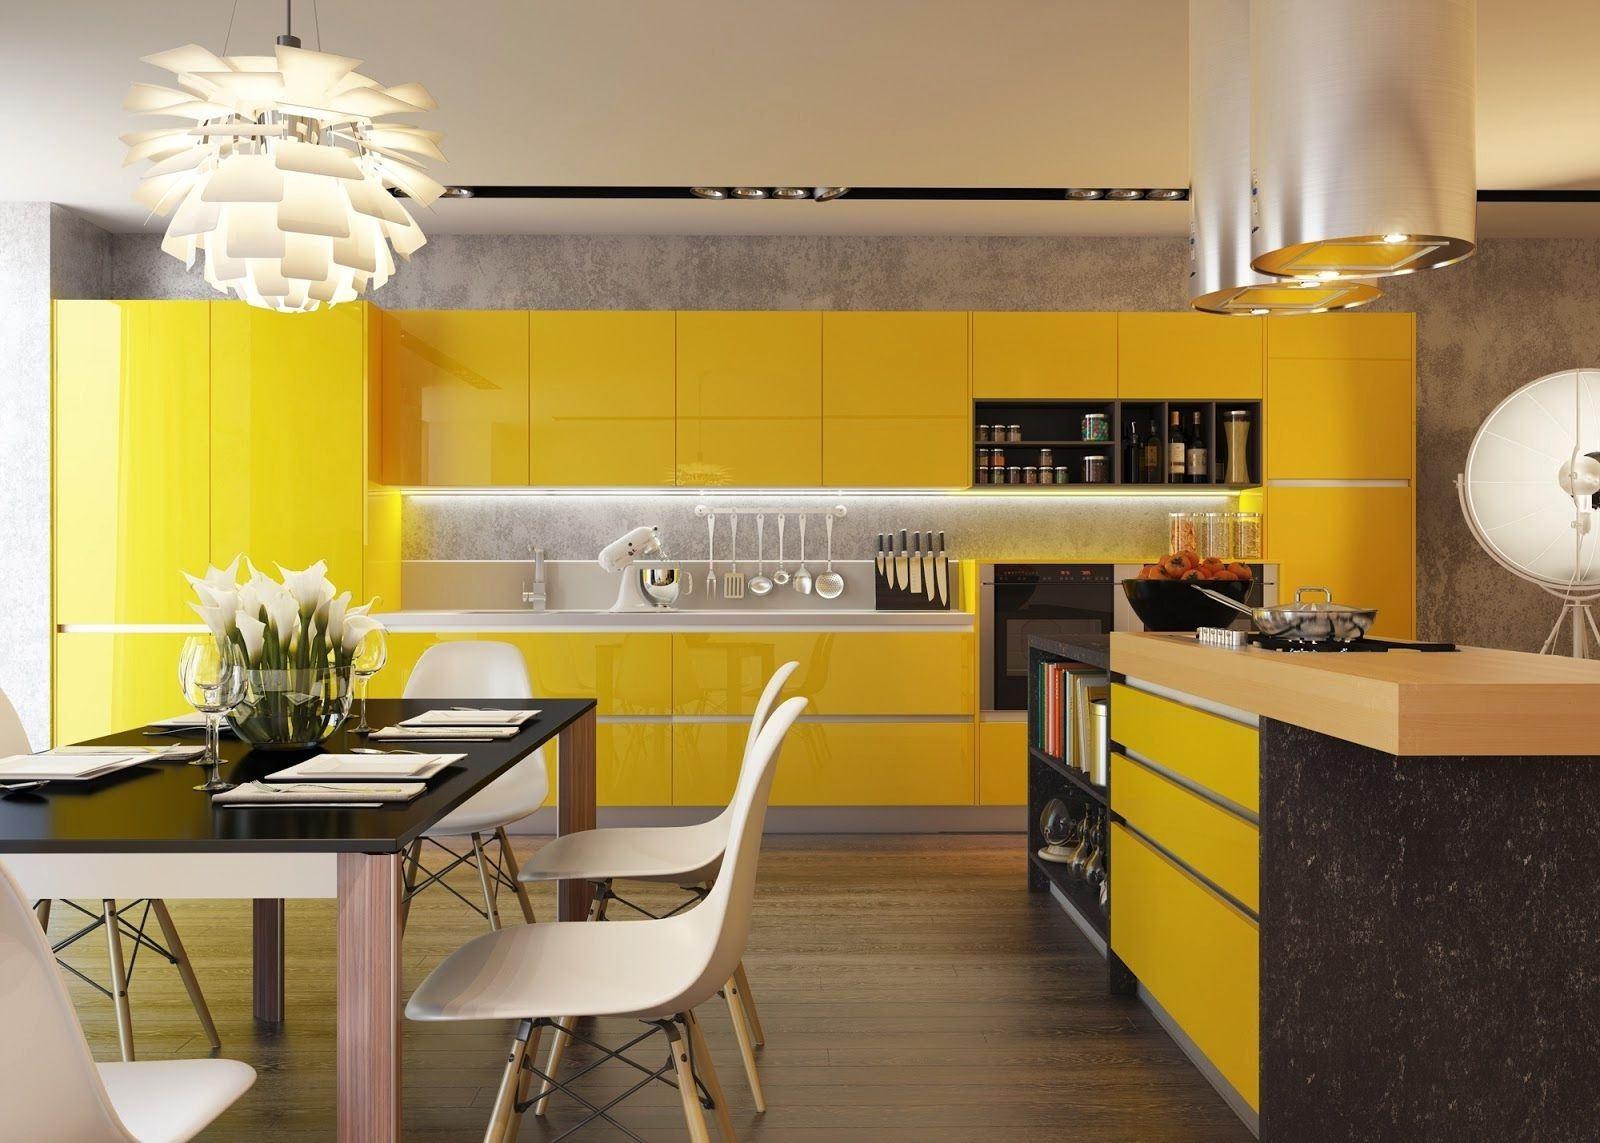 Дизайн кухни с желтыми стенами фото